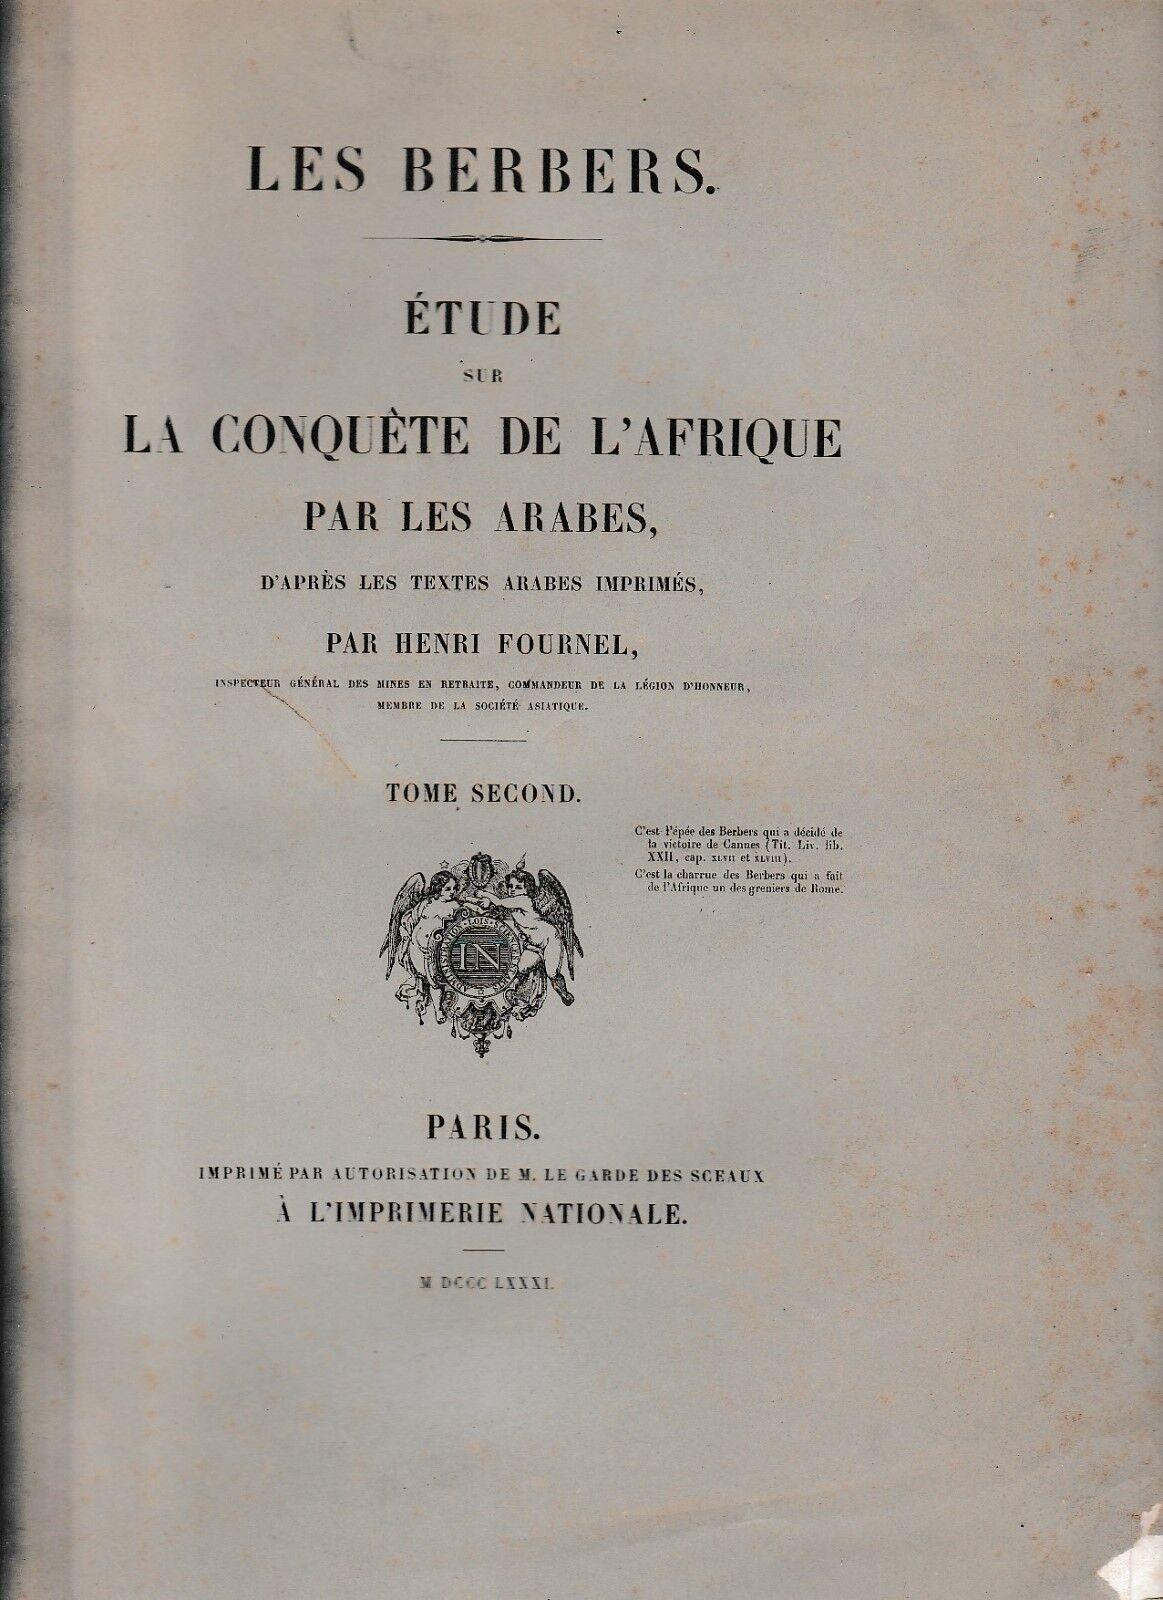 Imprimerie De L Ouest Parisien vialibri ~ rare books from 1875 - page 8